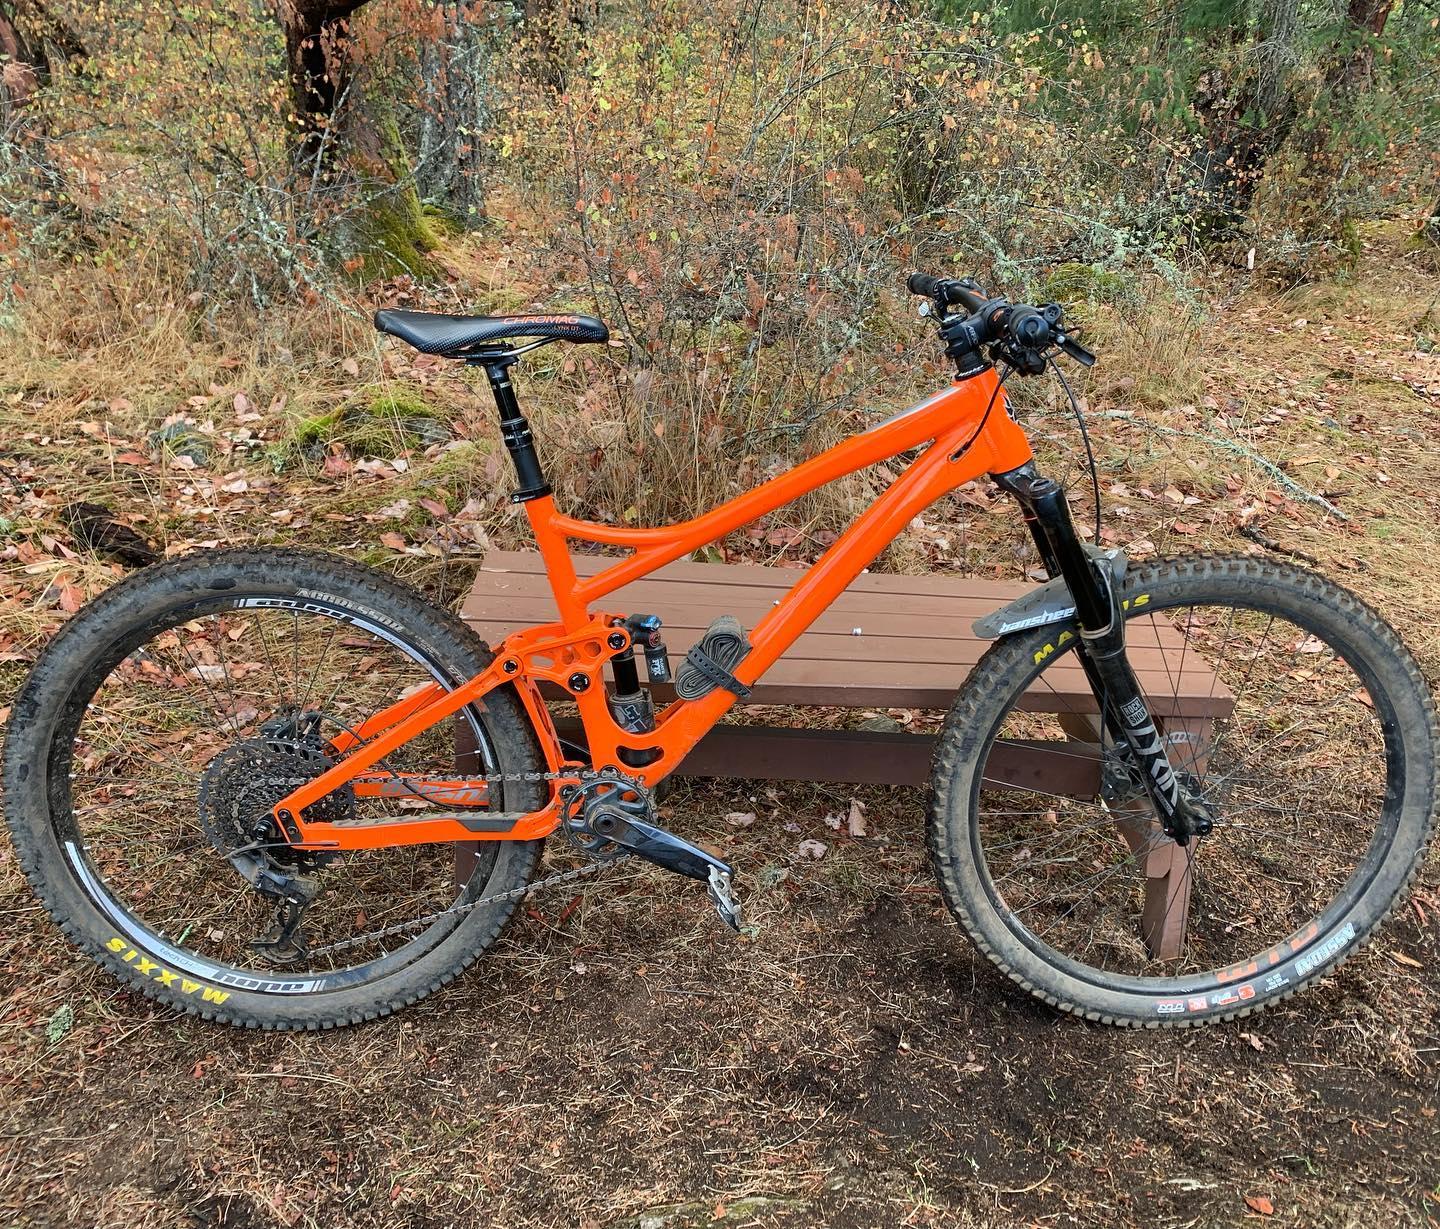 I'm starting to get used to this new beast of a bike. #bansheerune #mtbvi #yyj #mountainbiking #bikesarefun